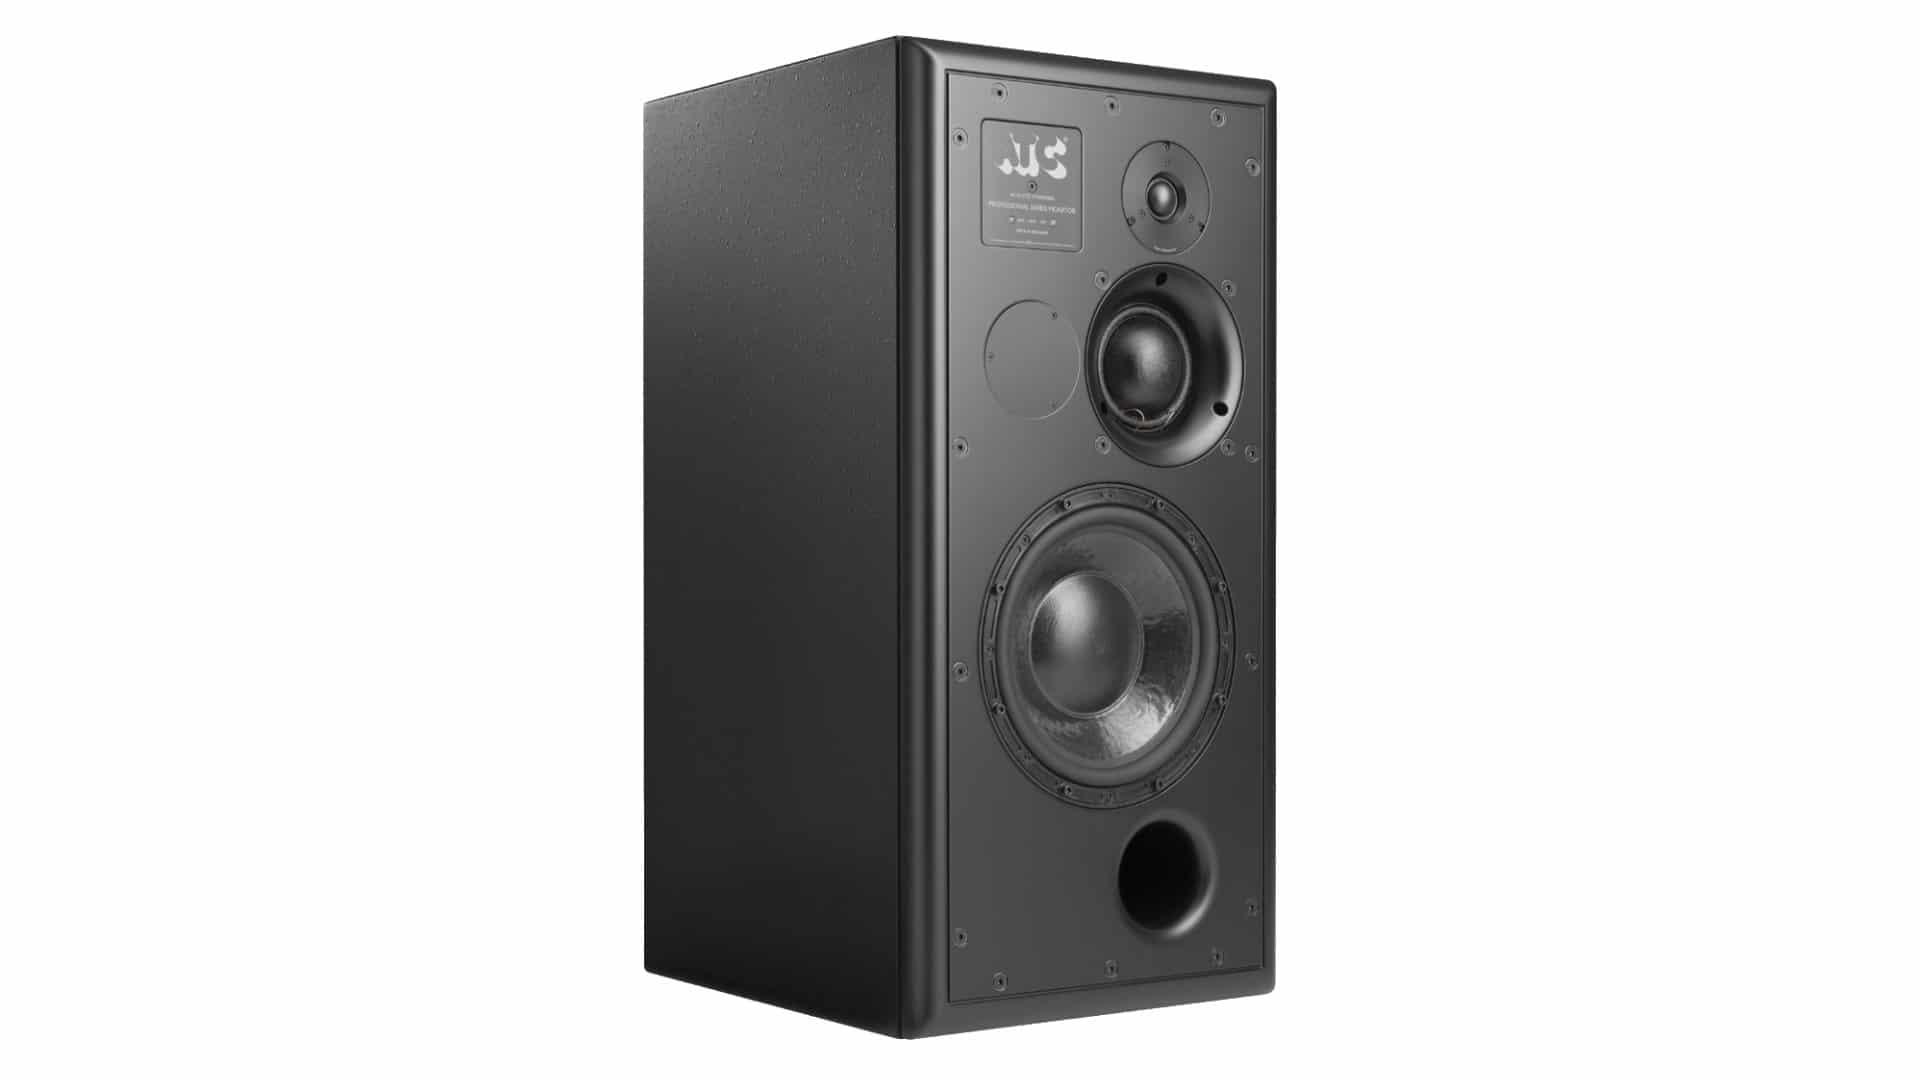 Monitor studyjny średniego pola ATC Loudspeakers SCM50A Pro